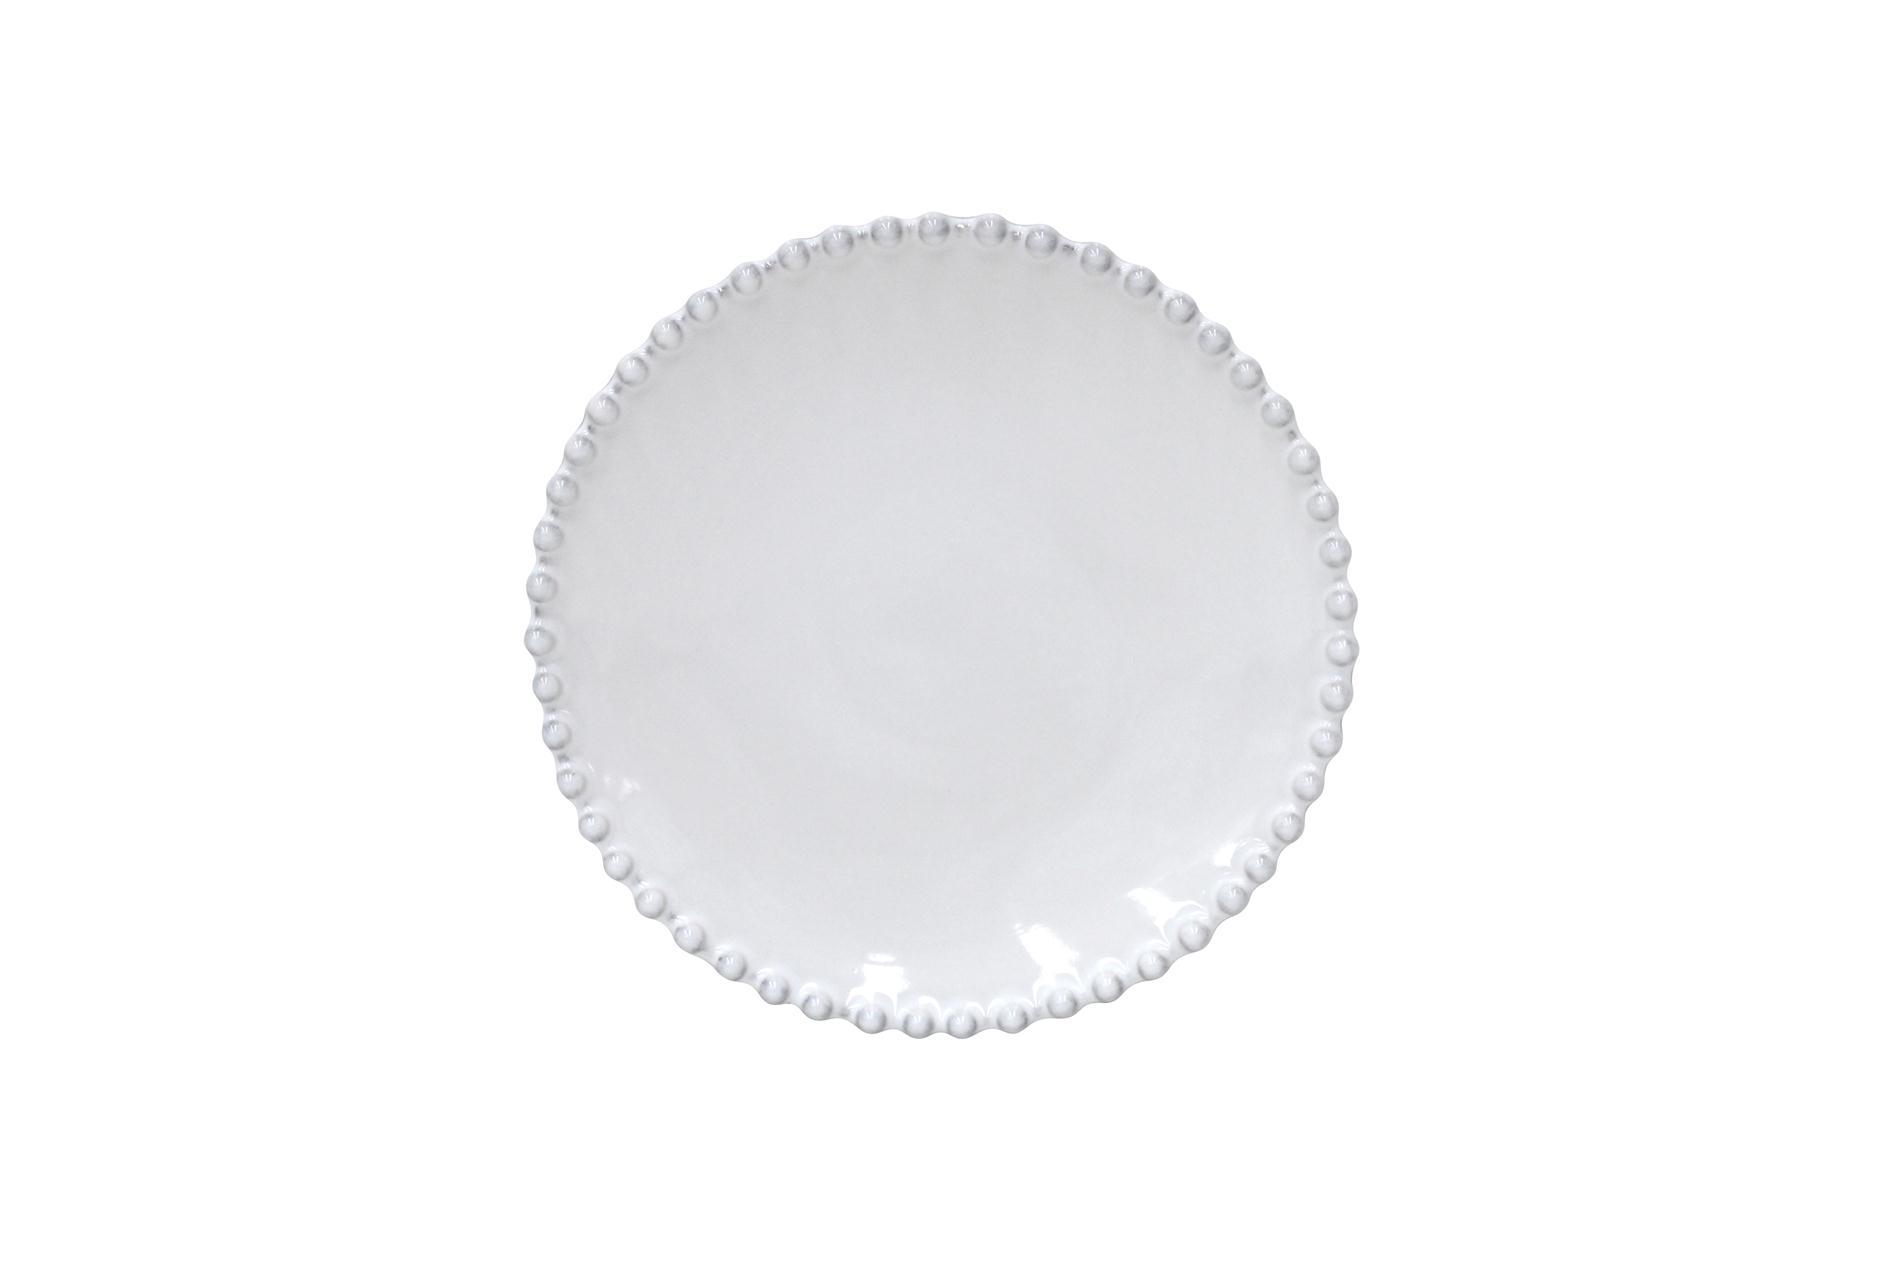 Brotteller Pearl  weiß,18 cm